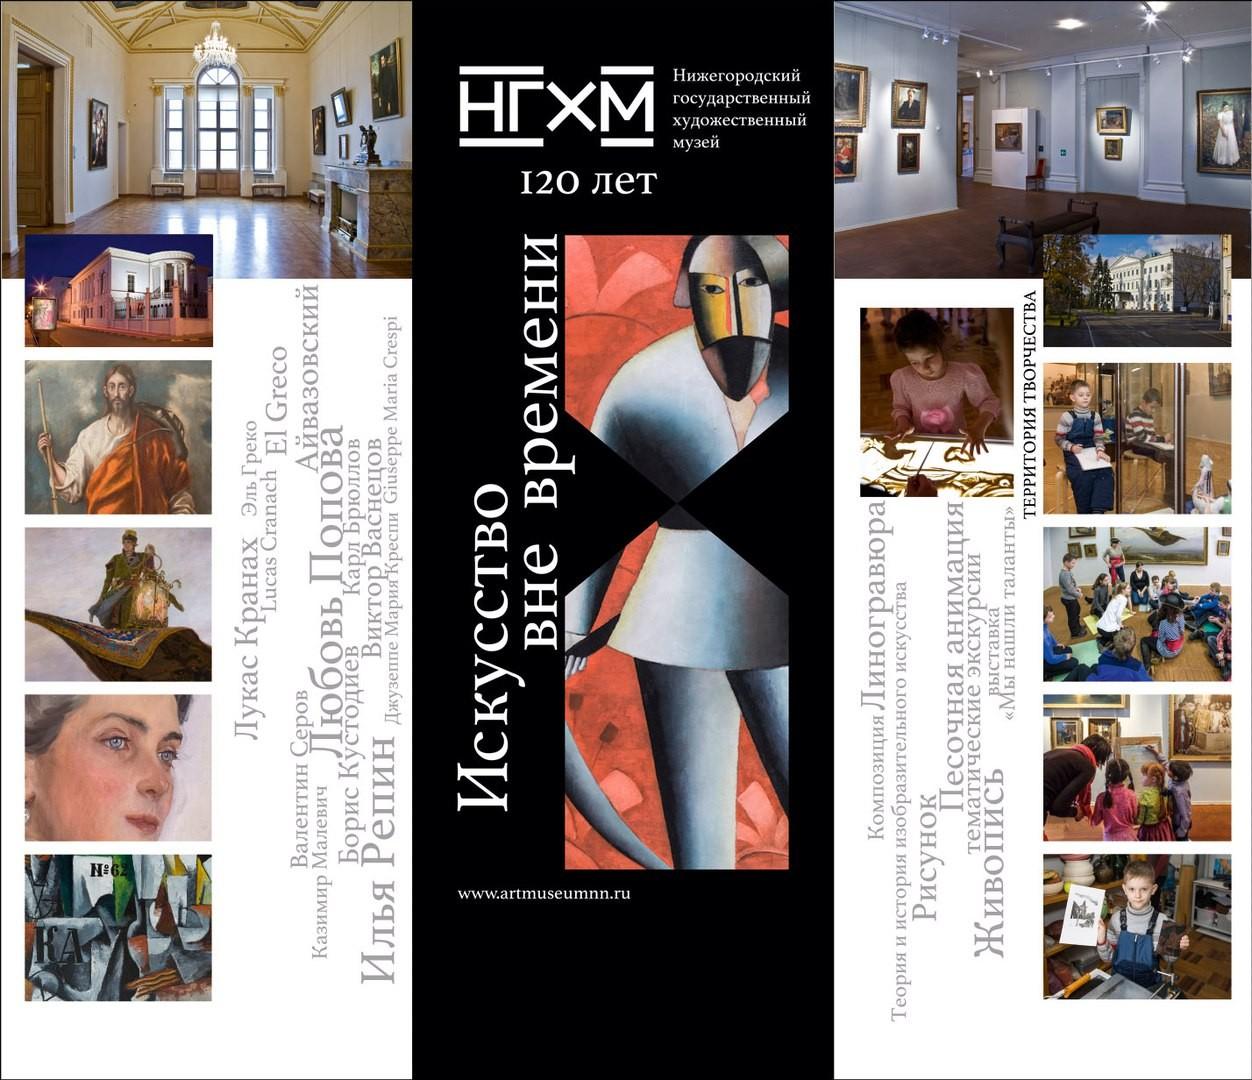 Картины Третьяковской галереи будут представлены в Нижнем Новгороде